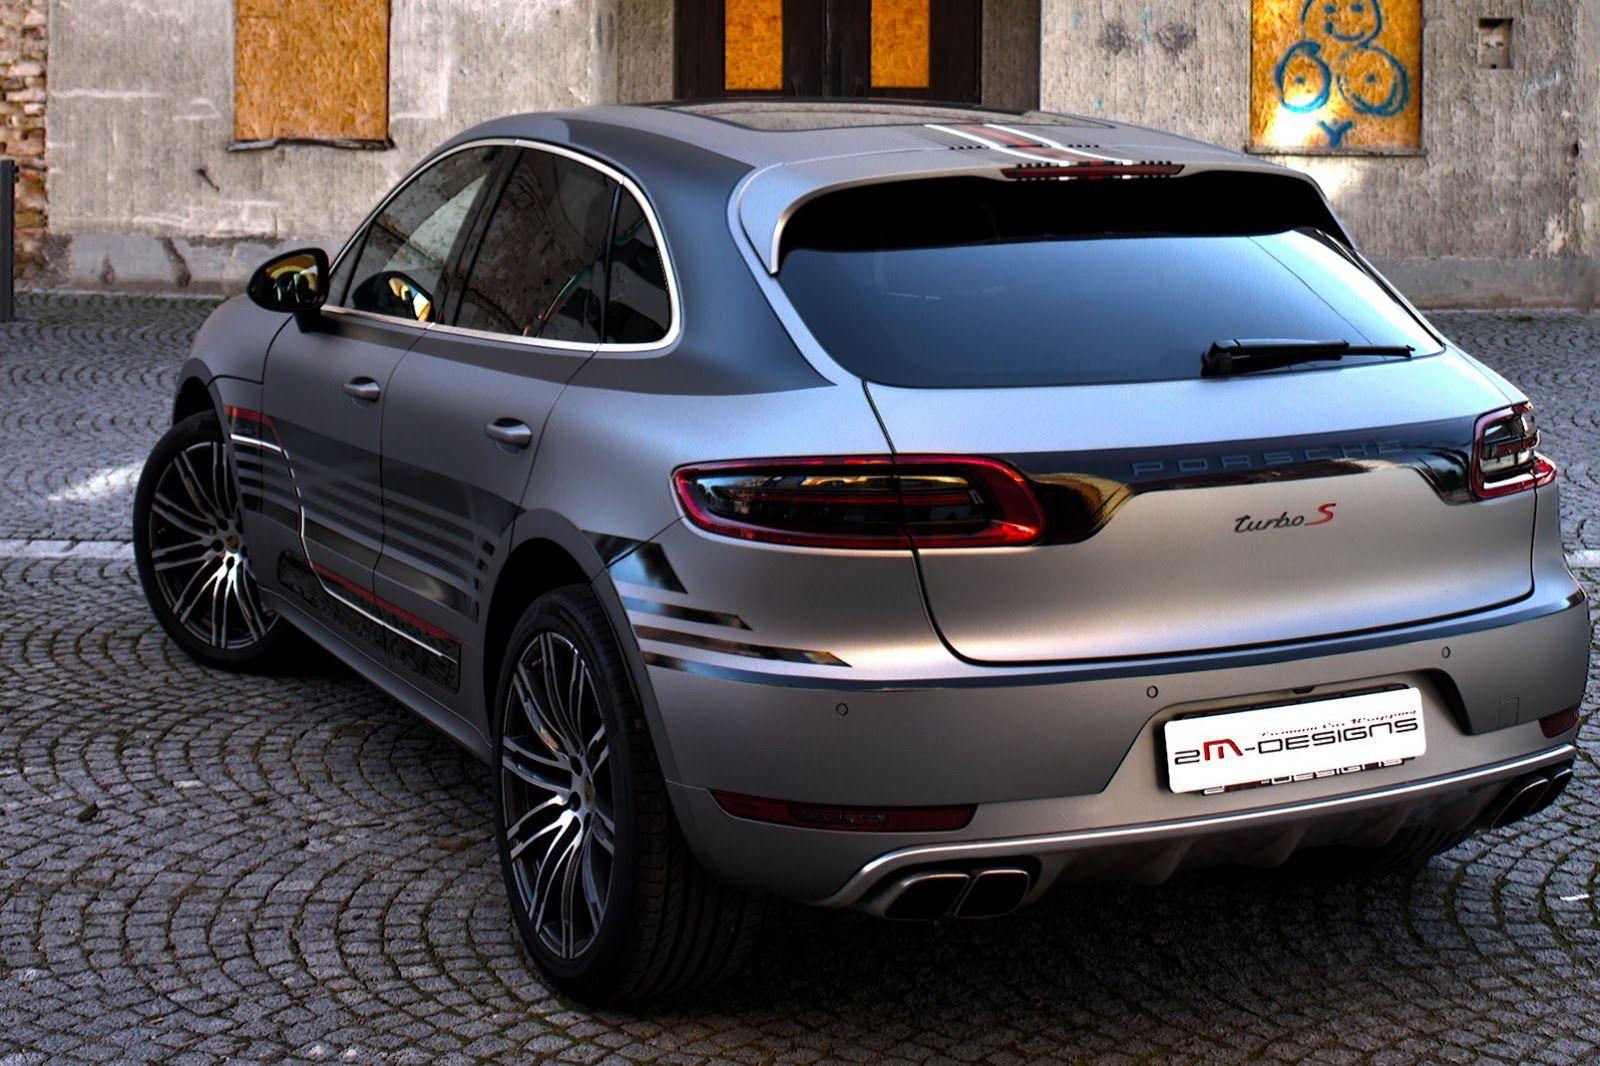 Image Result For Porsche Macan S Wrap Porsche Porsche Macan S Suv